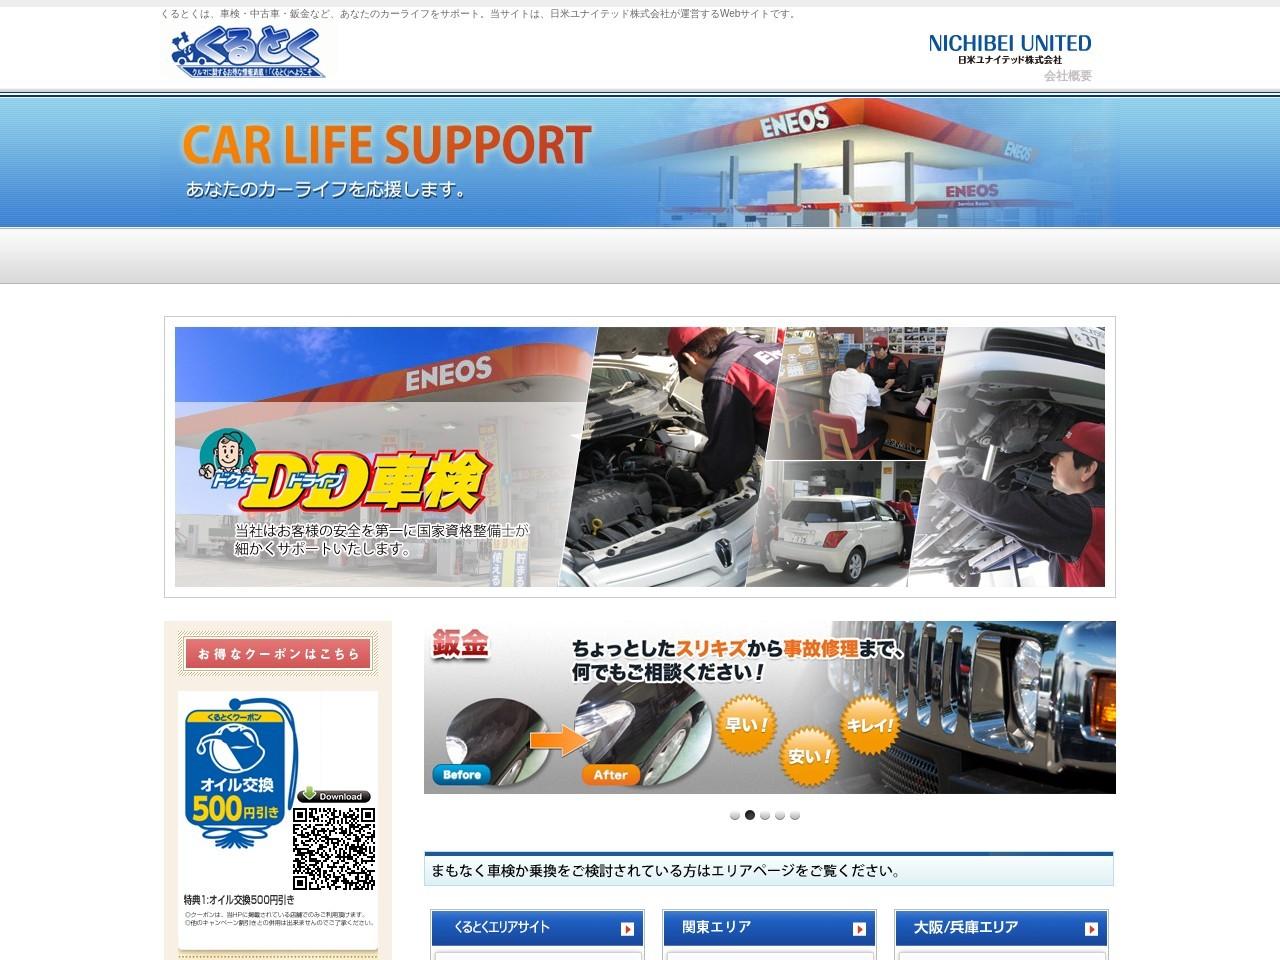 日米礦油株式会社ドクタードライブ島田店